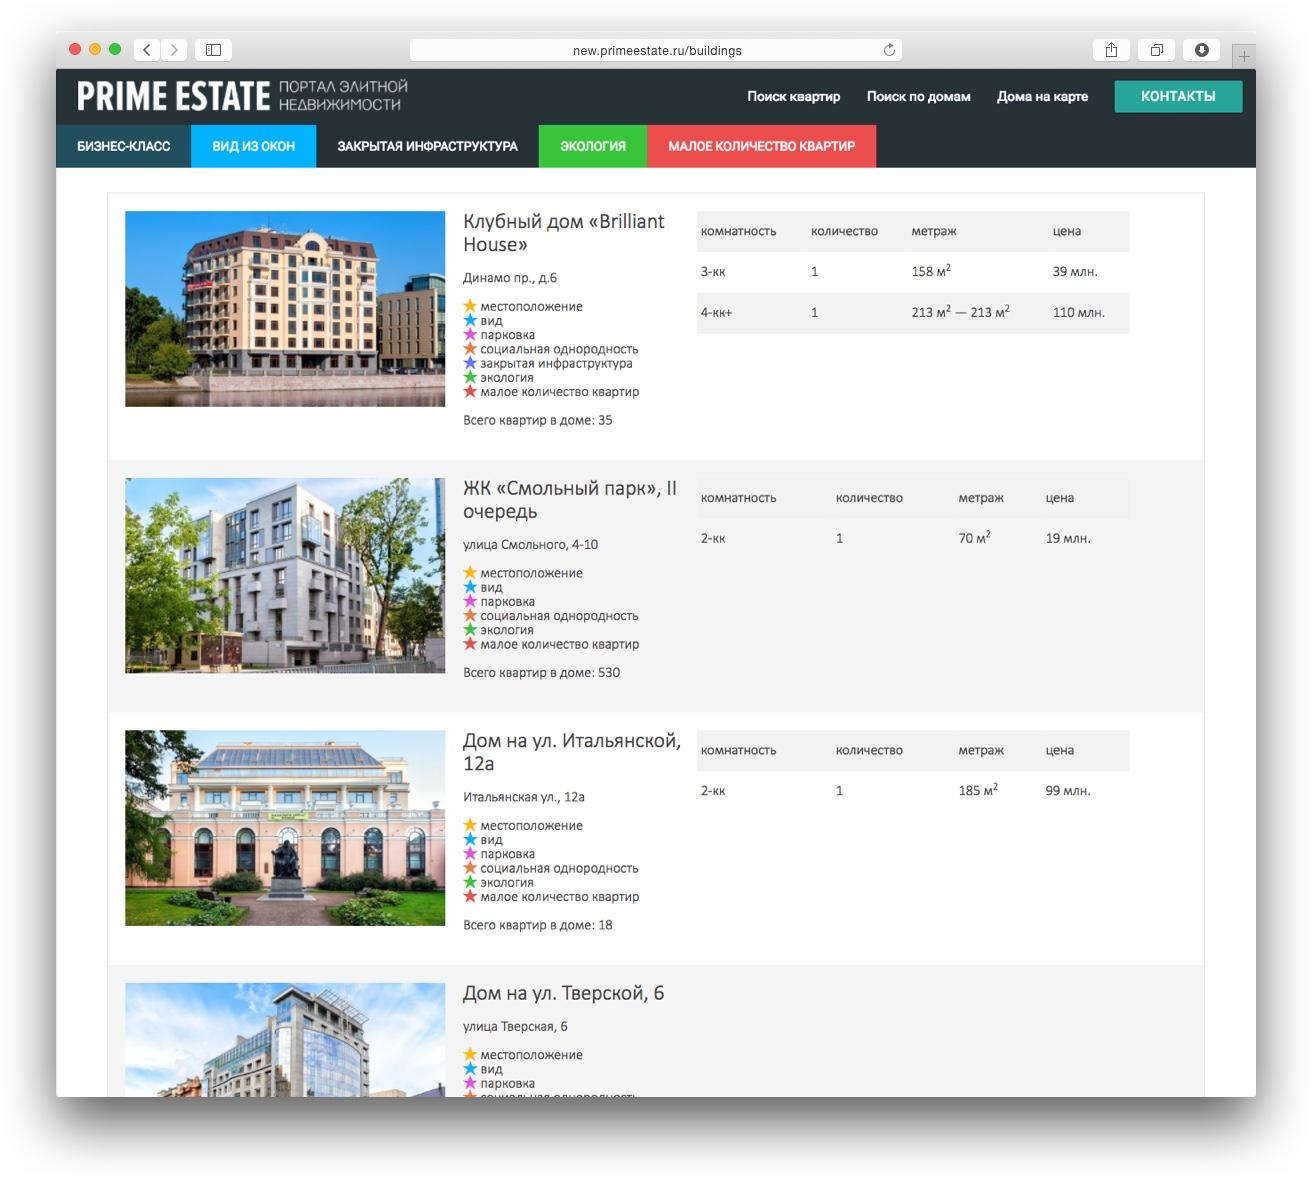 Список зданий, отфильтрованный по «звёздам» — ноу-хау агентства Prime Estate, для удобства покупателя недвижимости